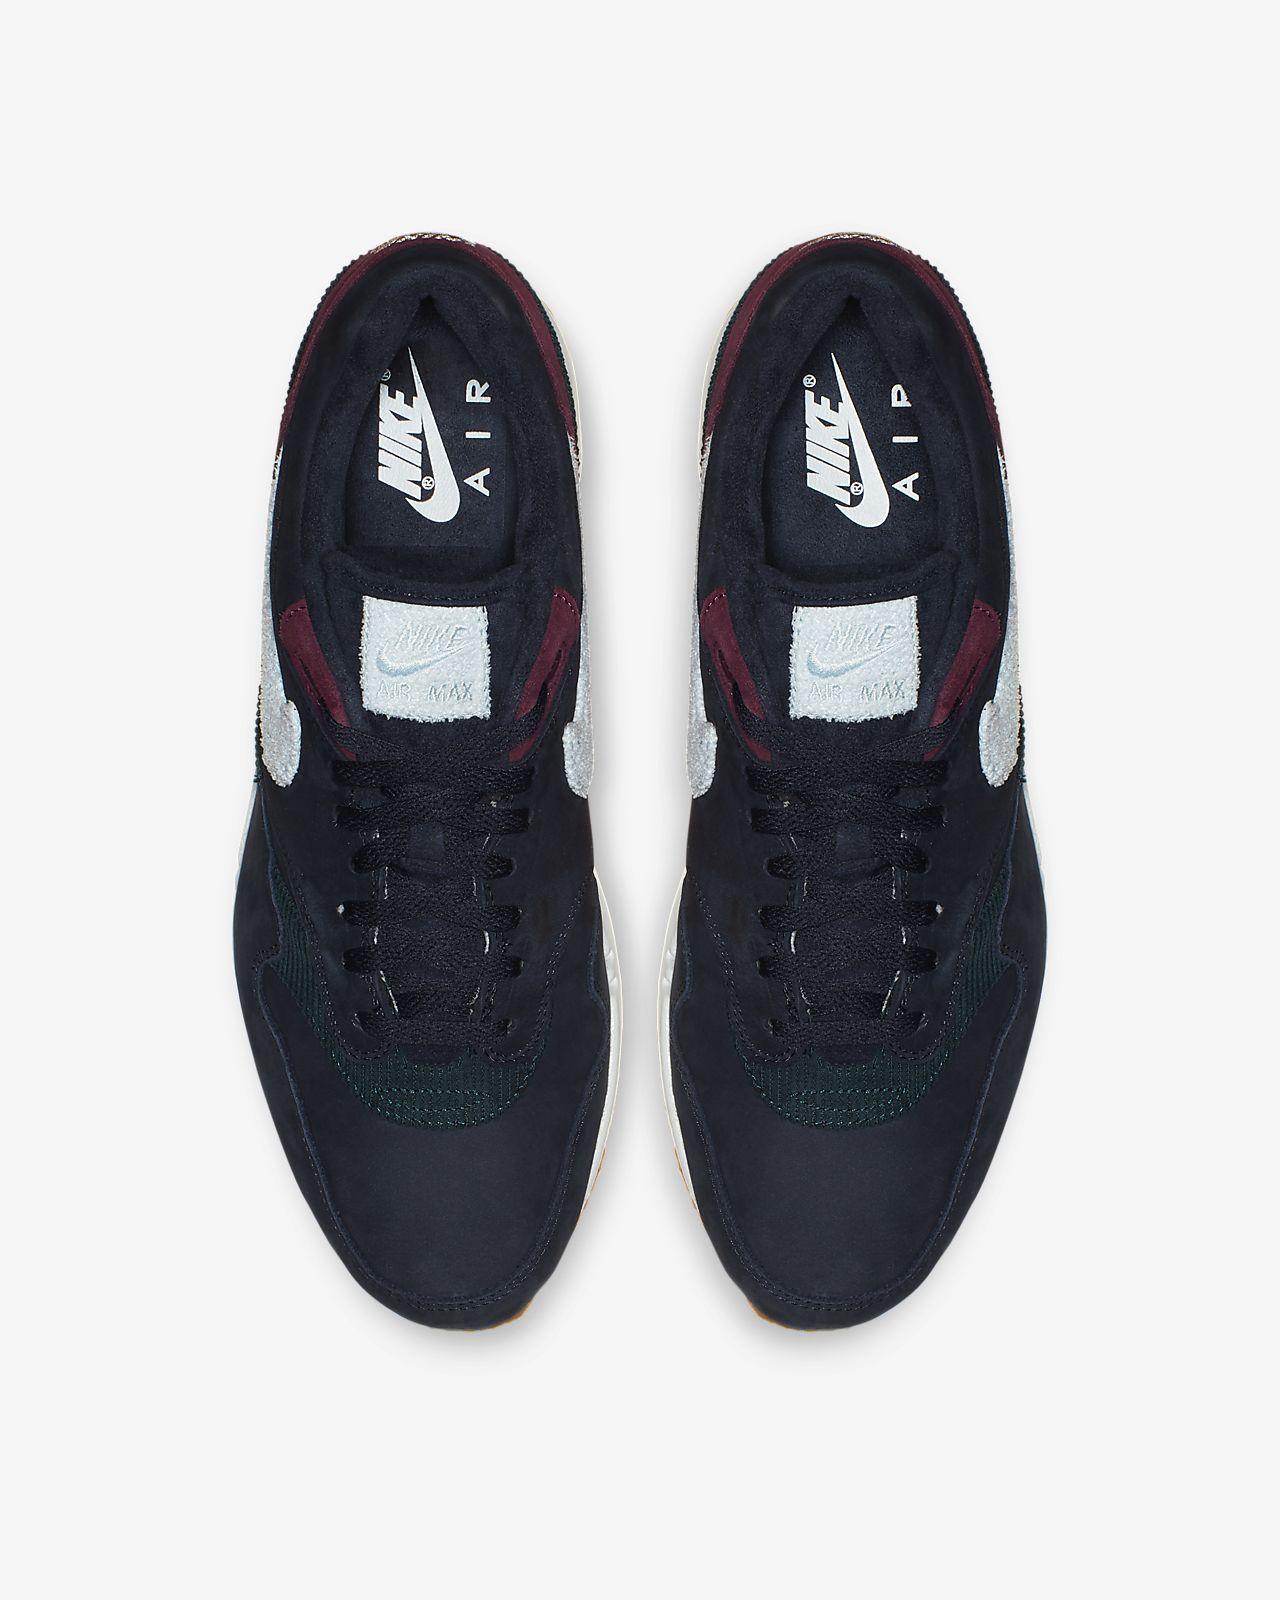 Nike Air Max 1 Dark Obsidian Cobalt Tint Ocean Bliss España